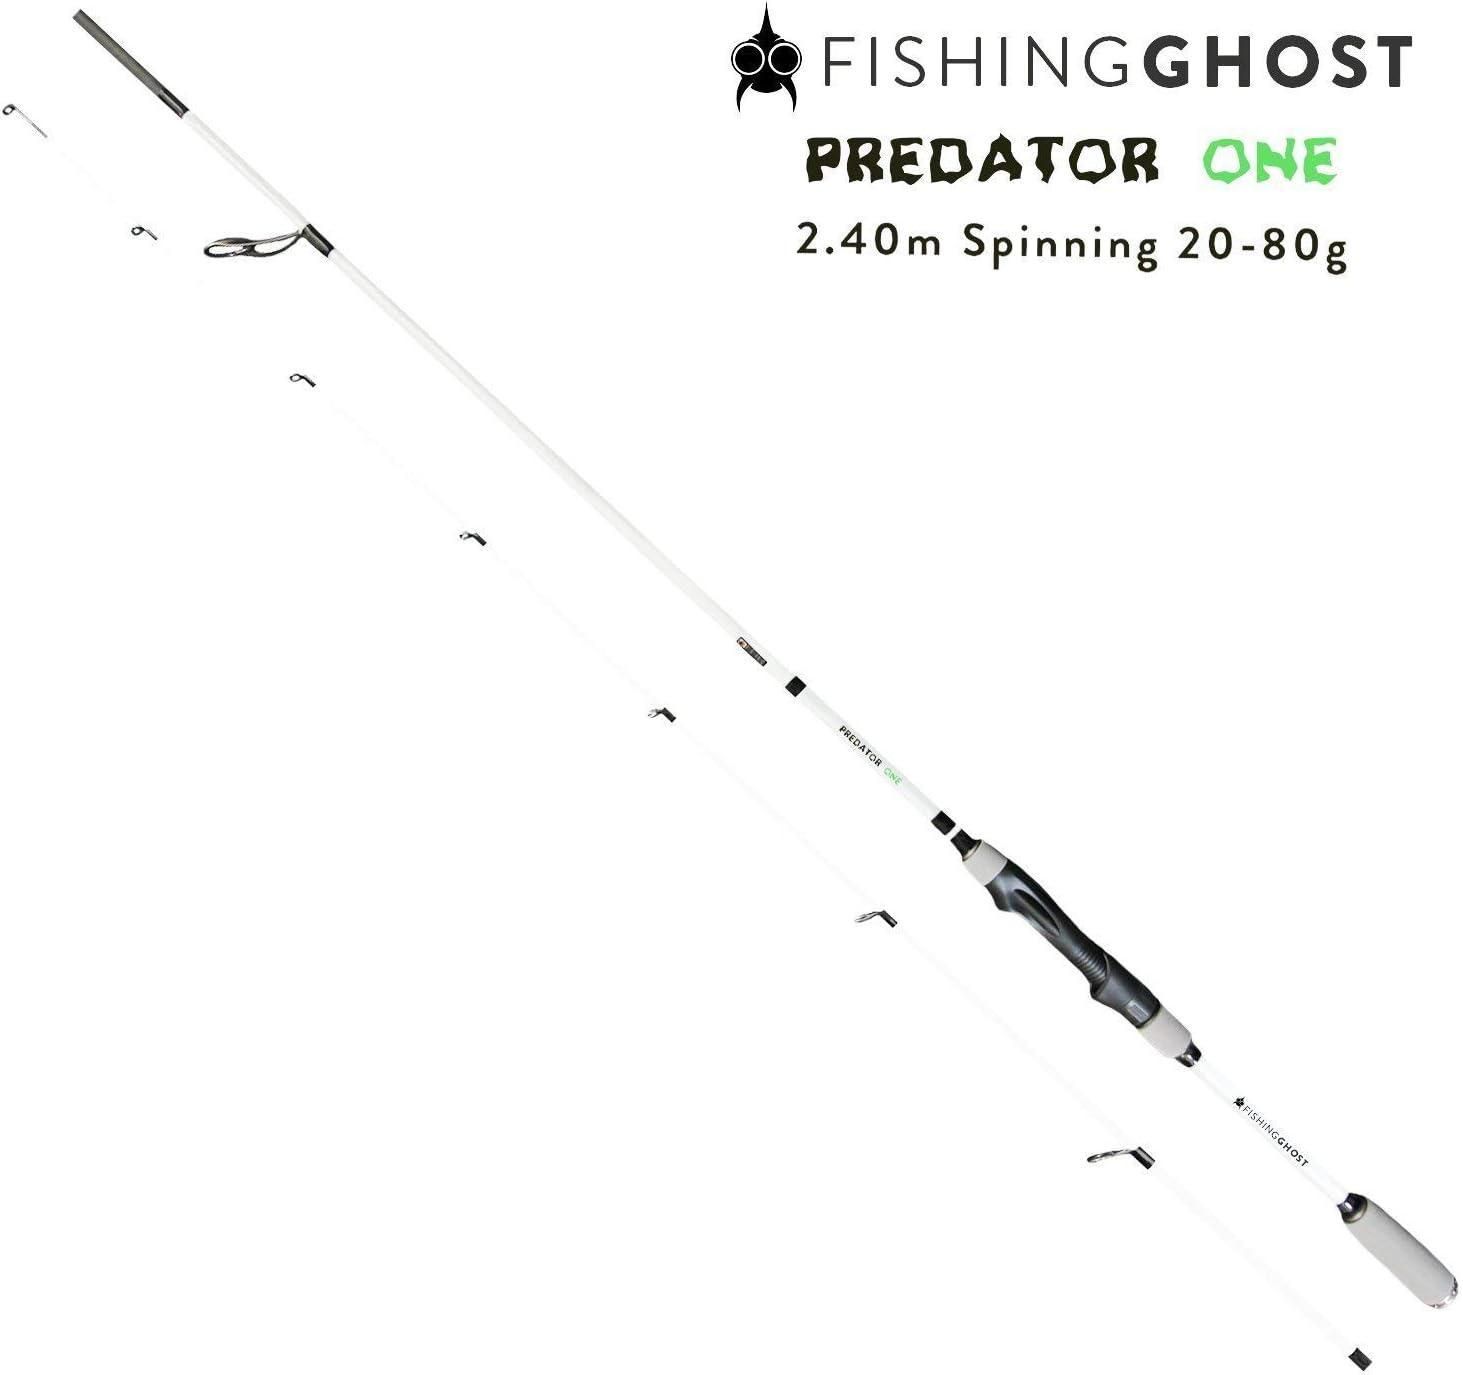 FISHINGGHOST Rod - Spinning Rod - Rod - Hechtrute - Transmisión ...